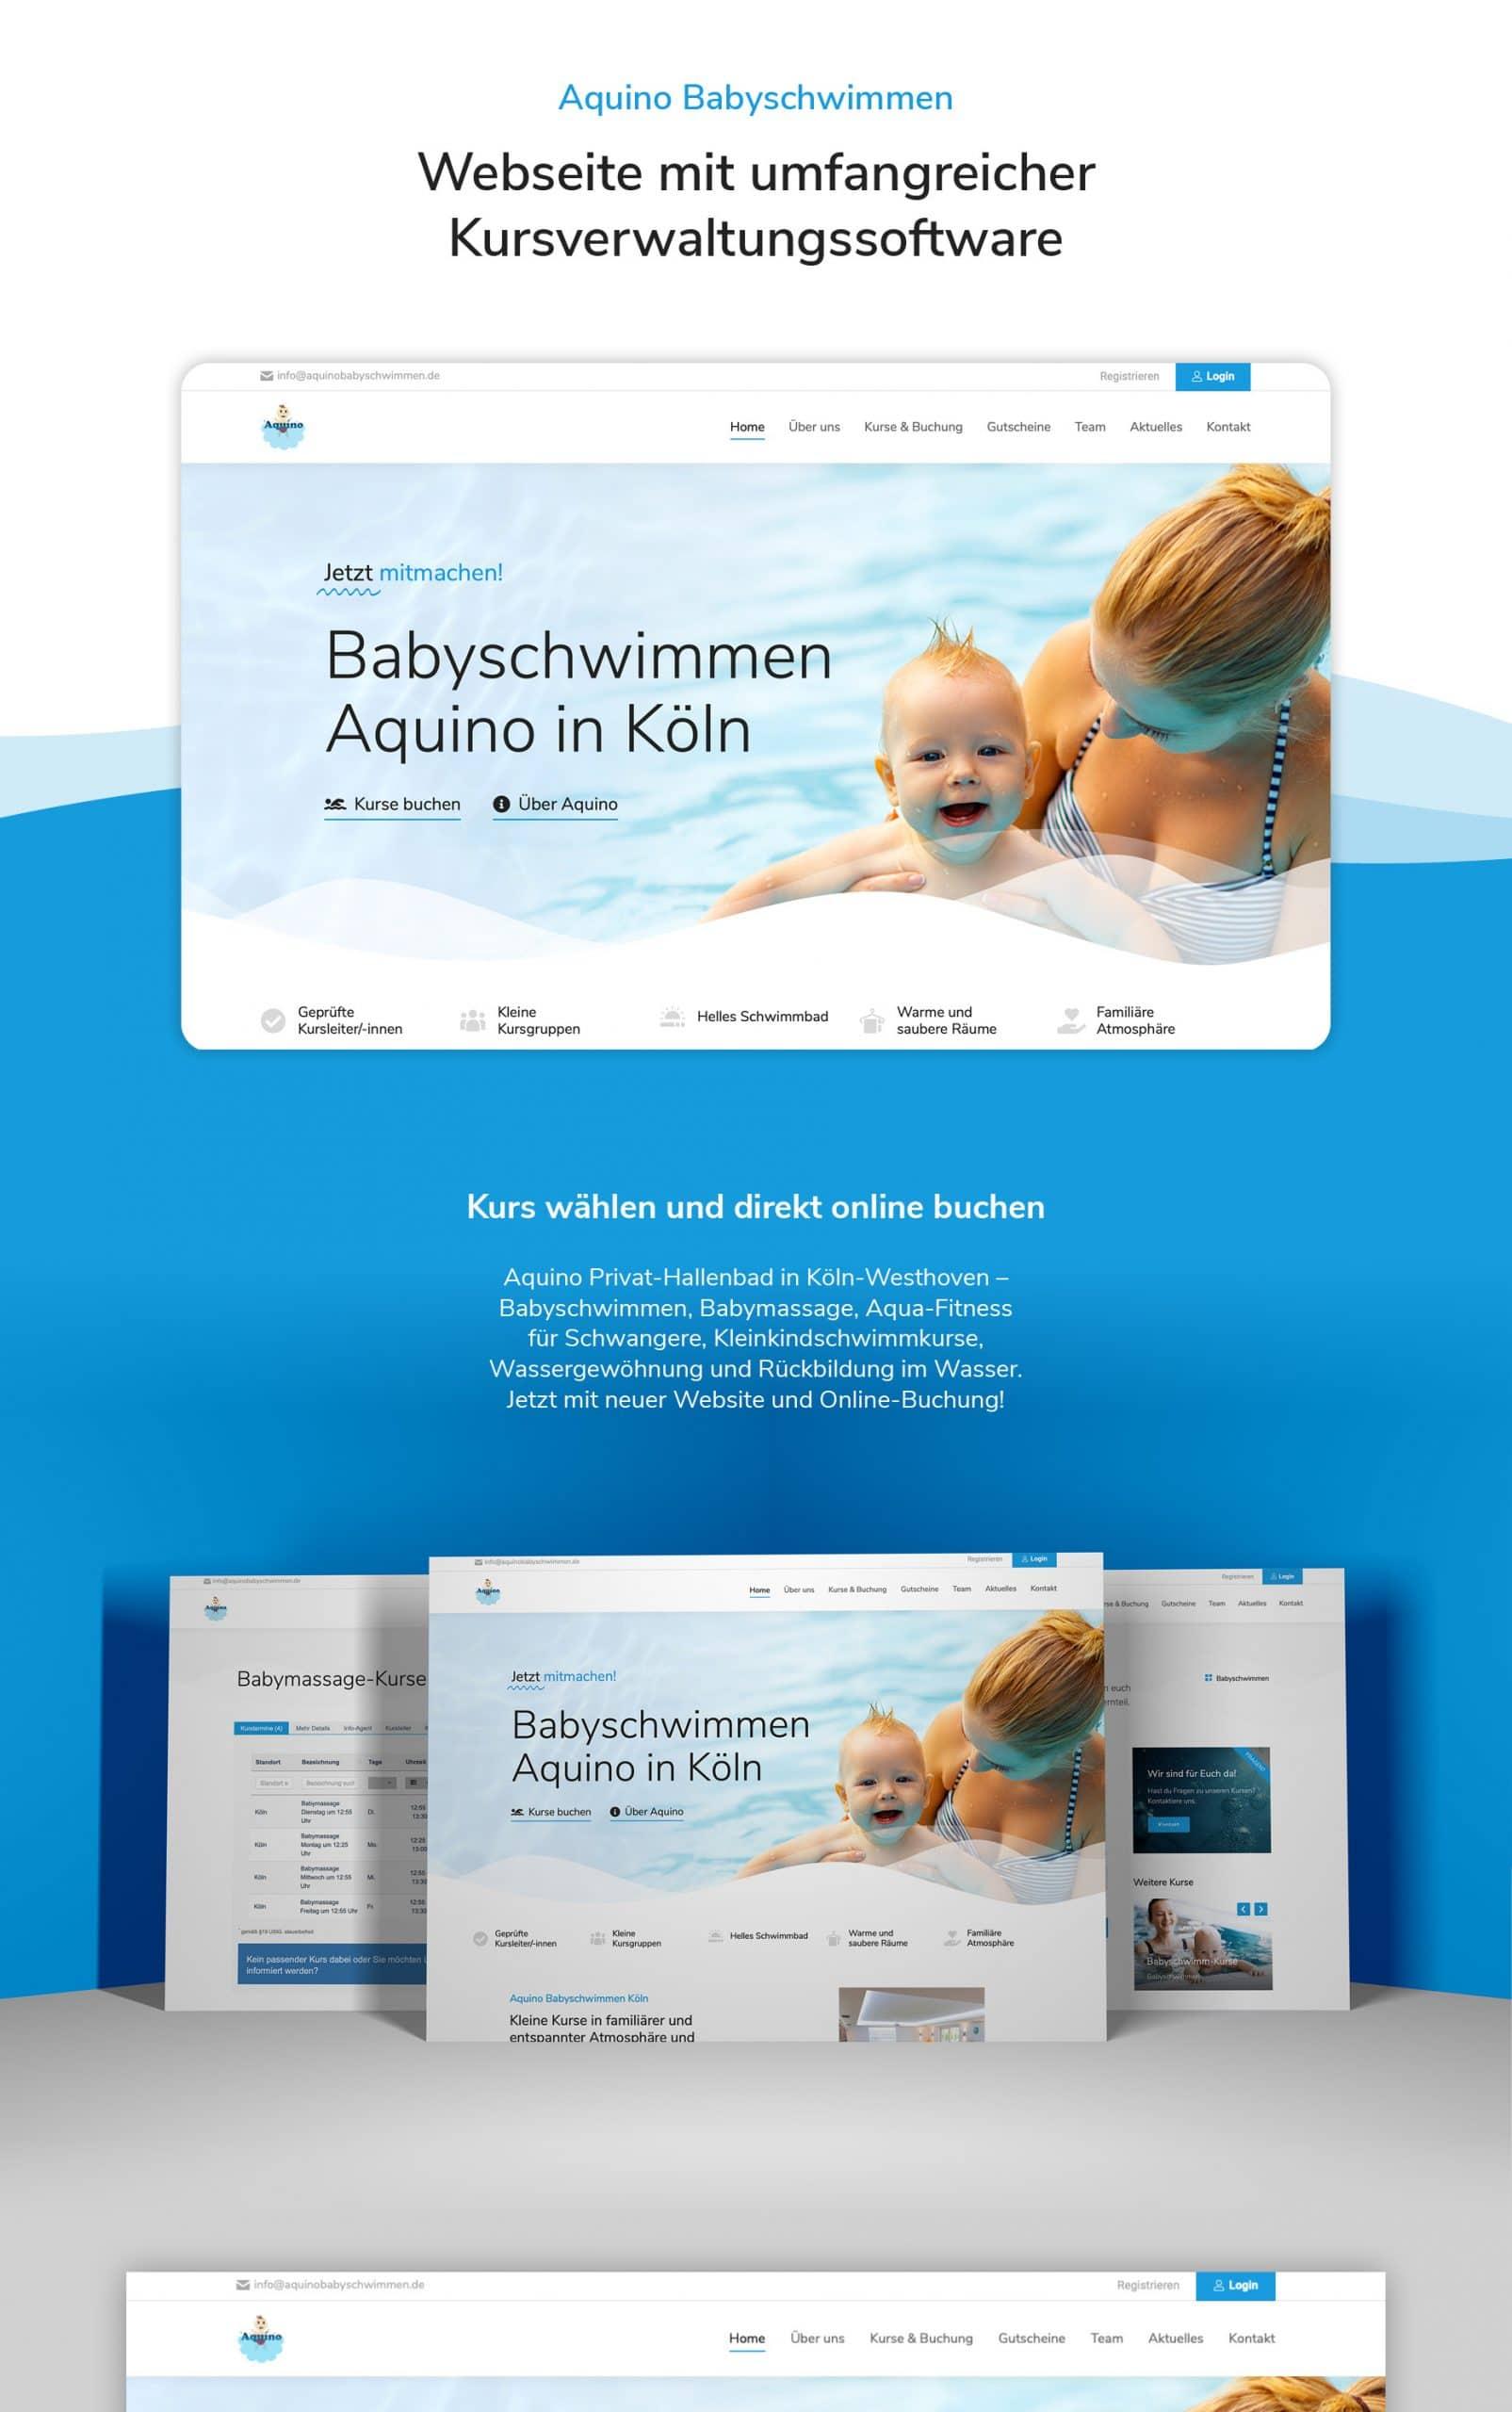 Aquino Babyschwimmen neue Website